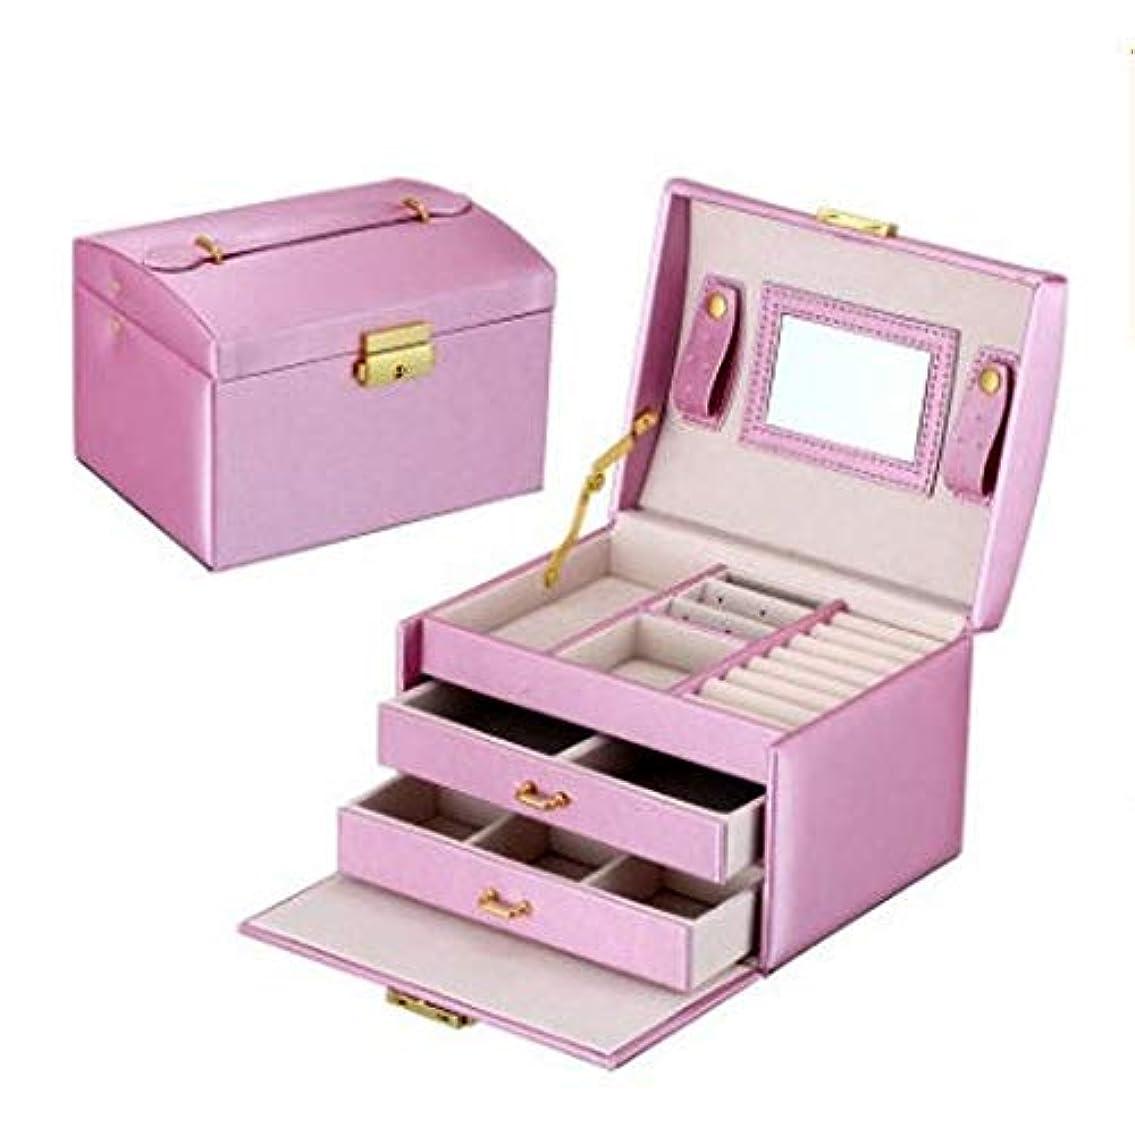 定期的な一回地下室特大スペース収納ビューティーボックス 大型人工皮革トラベルジュエリーボックス収納ボックスディスプレイリングイヤリングネックレス(5色オプション) 化粧品化粧台 (色 : Purple pink)